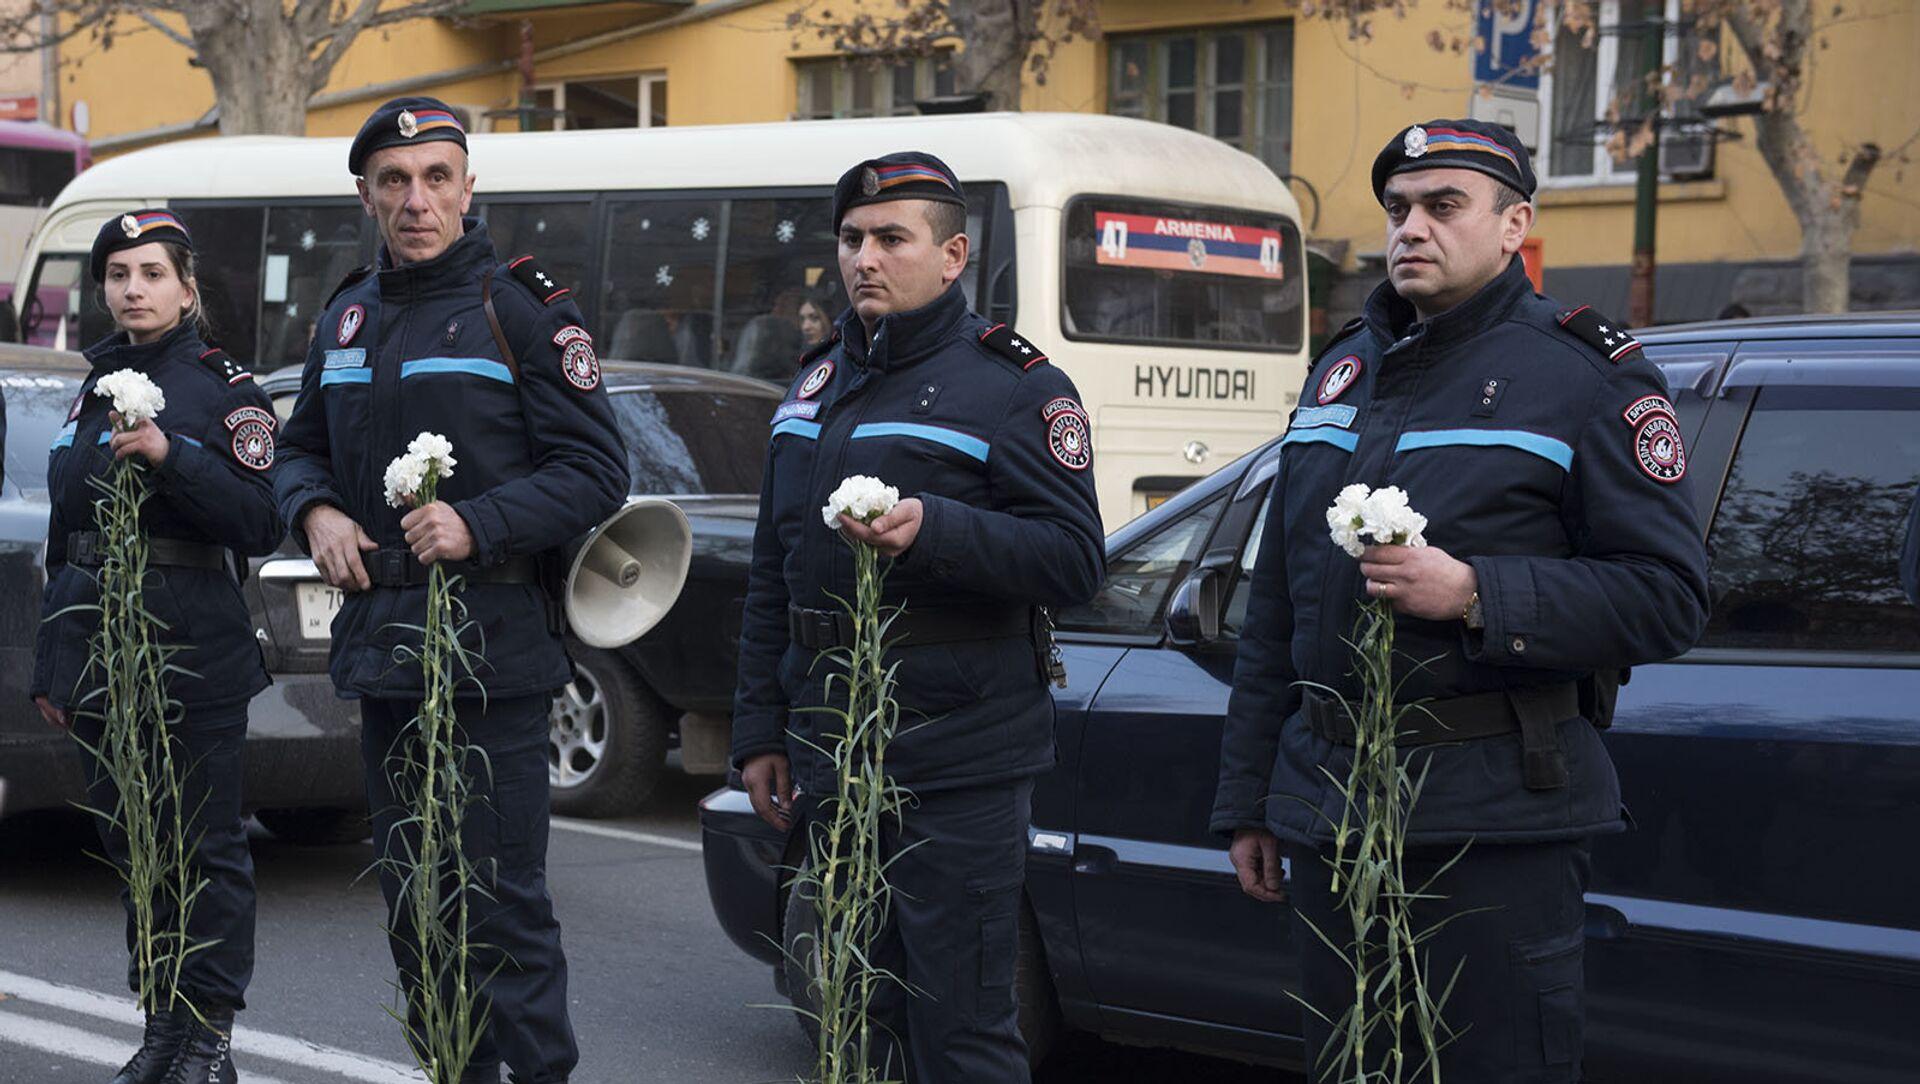 Полицейские  - Sputnik Արմենիա, 1920, 08.02.2021